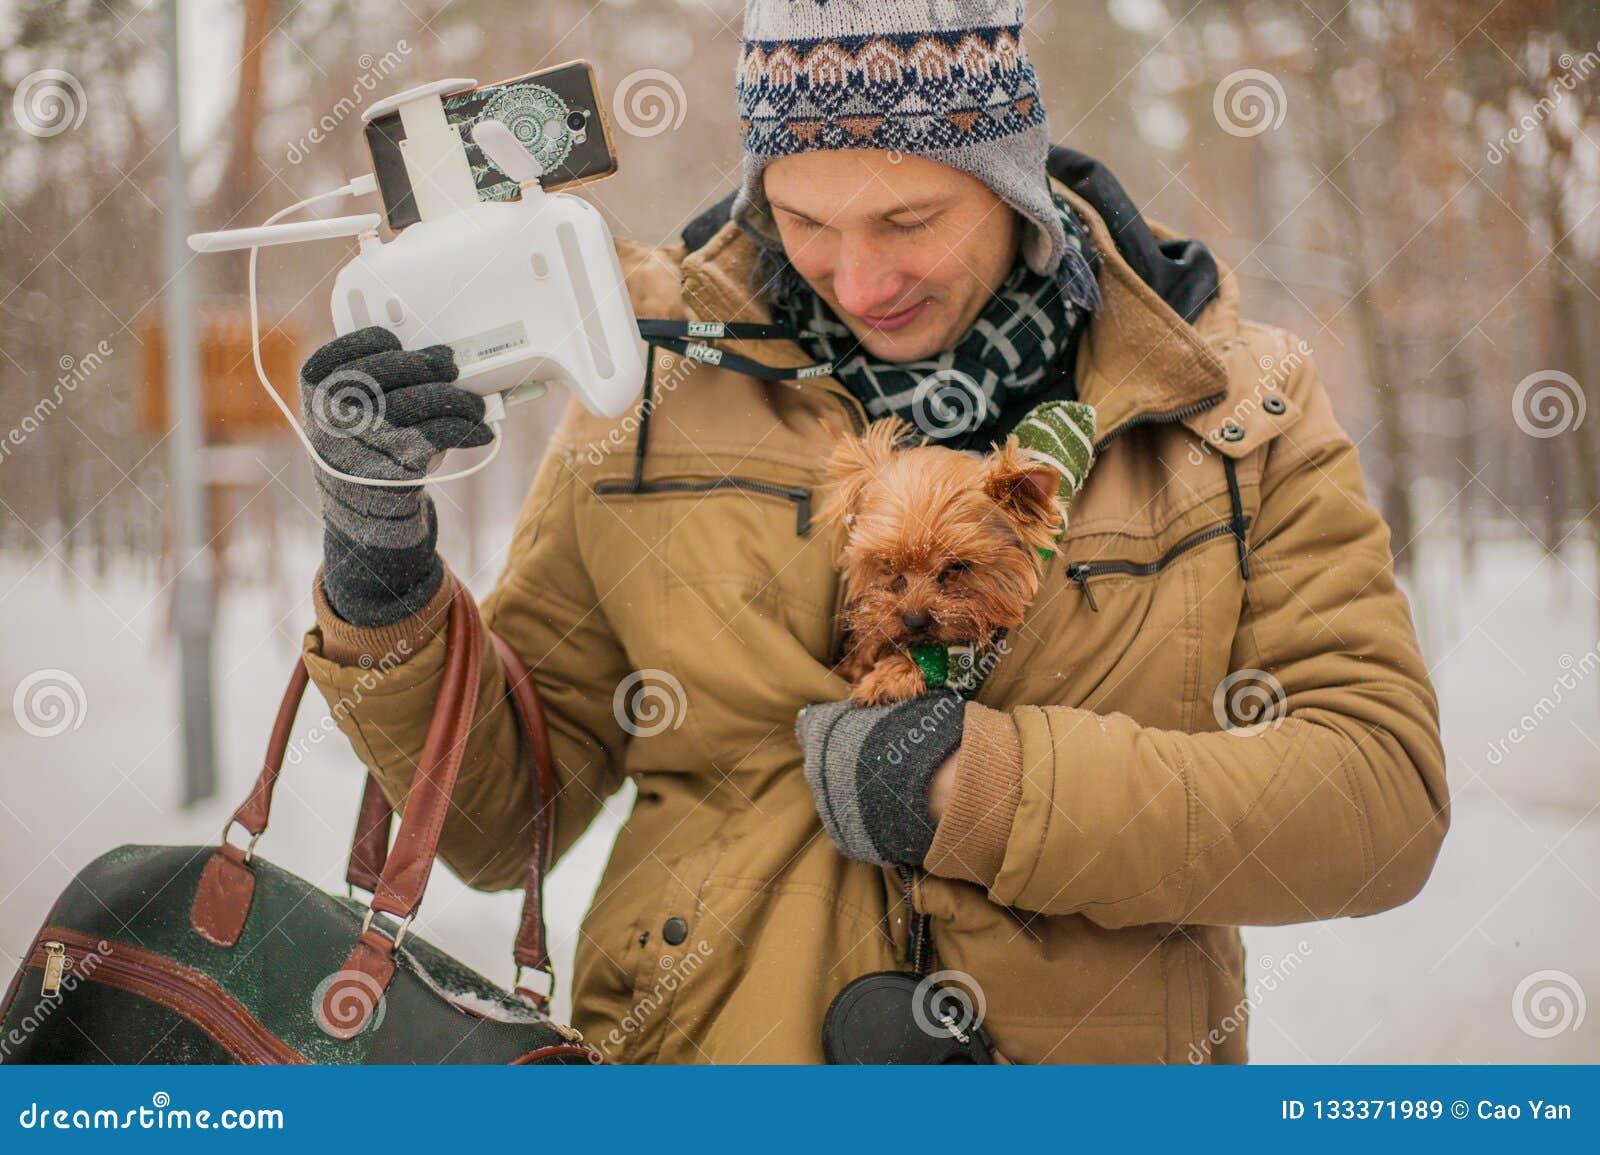 Caliente el perro debajo de la chaqueta en el invierno en la nieve cuidado para un perro en la estación fría